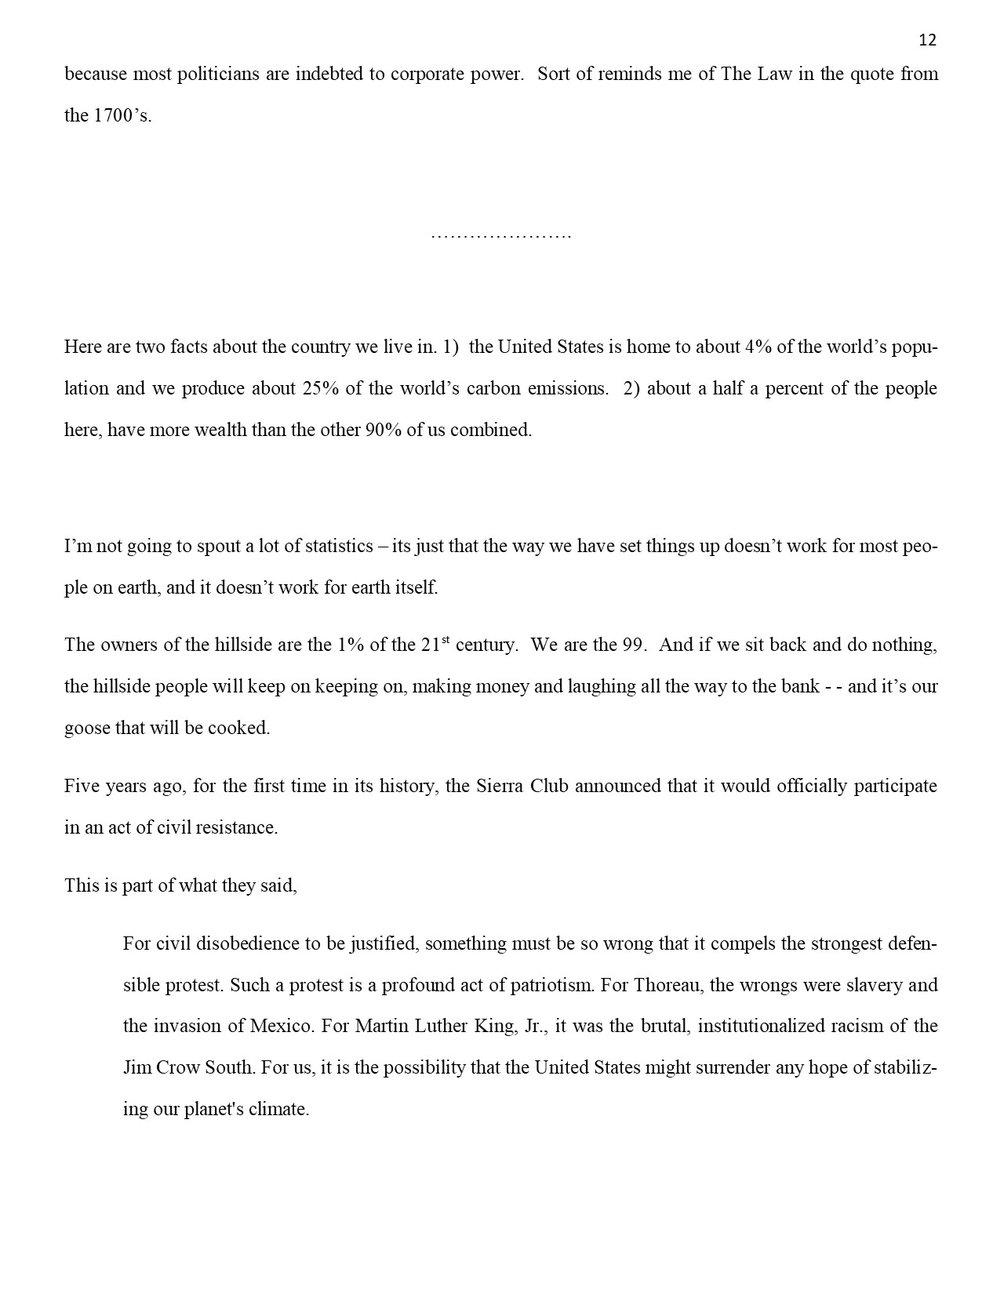 Story of a Hillside - Sabina Virgo (Prose, Essay)-12.jpg